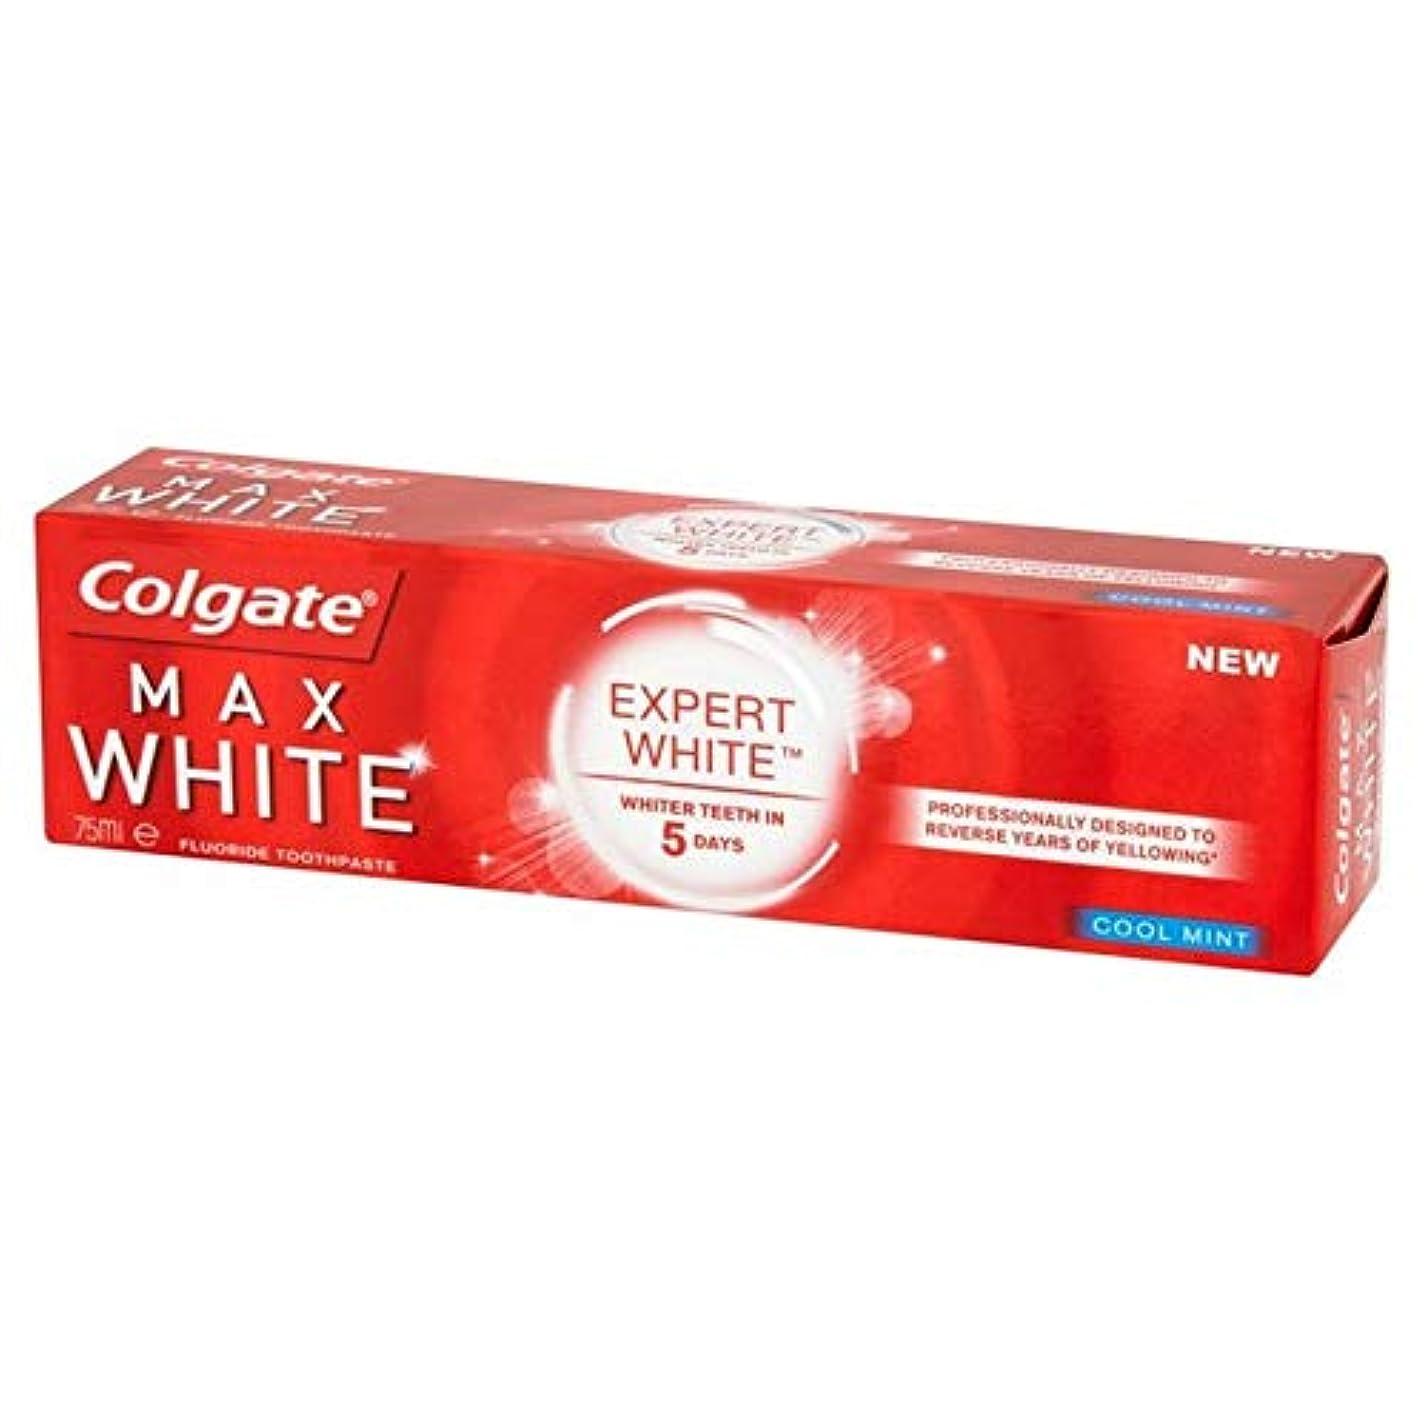 億例示する楕円形[Colgate ] コルゲート最大白の専門家クールミントホワイトニング歯磨き粉75ミリリットル - Colgate Max White Expert Cool Mint Whitening Toothpaste 75ml...